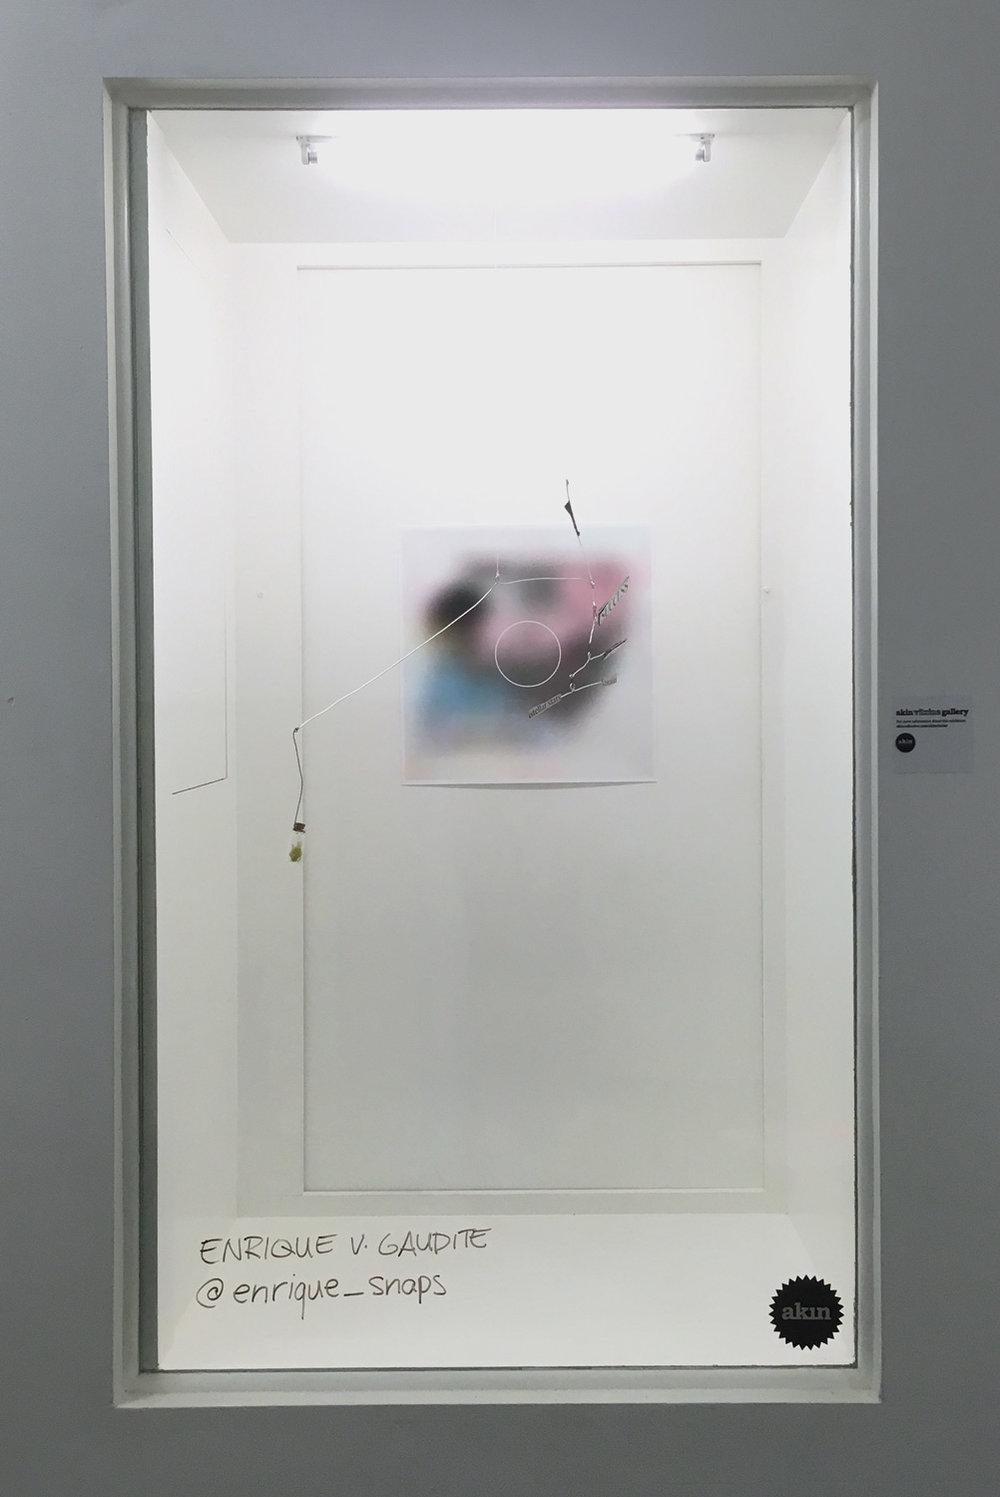 Enrique-1.jpg